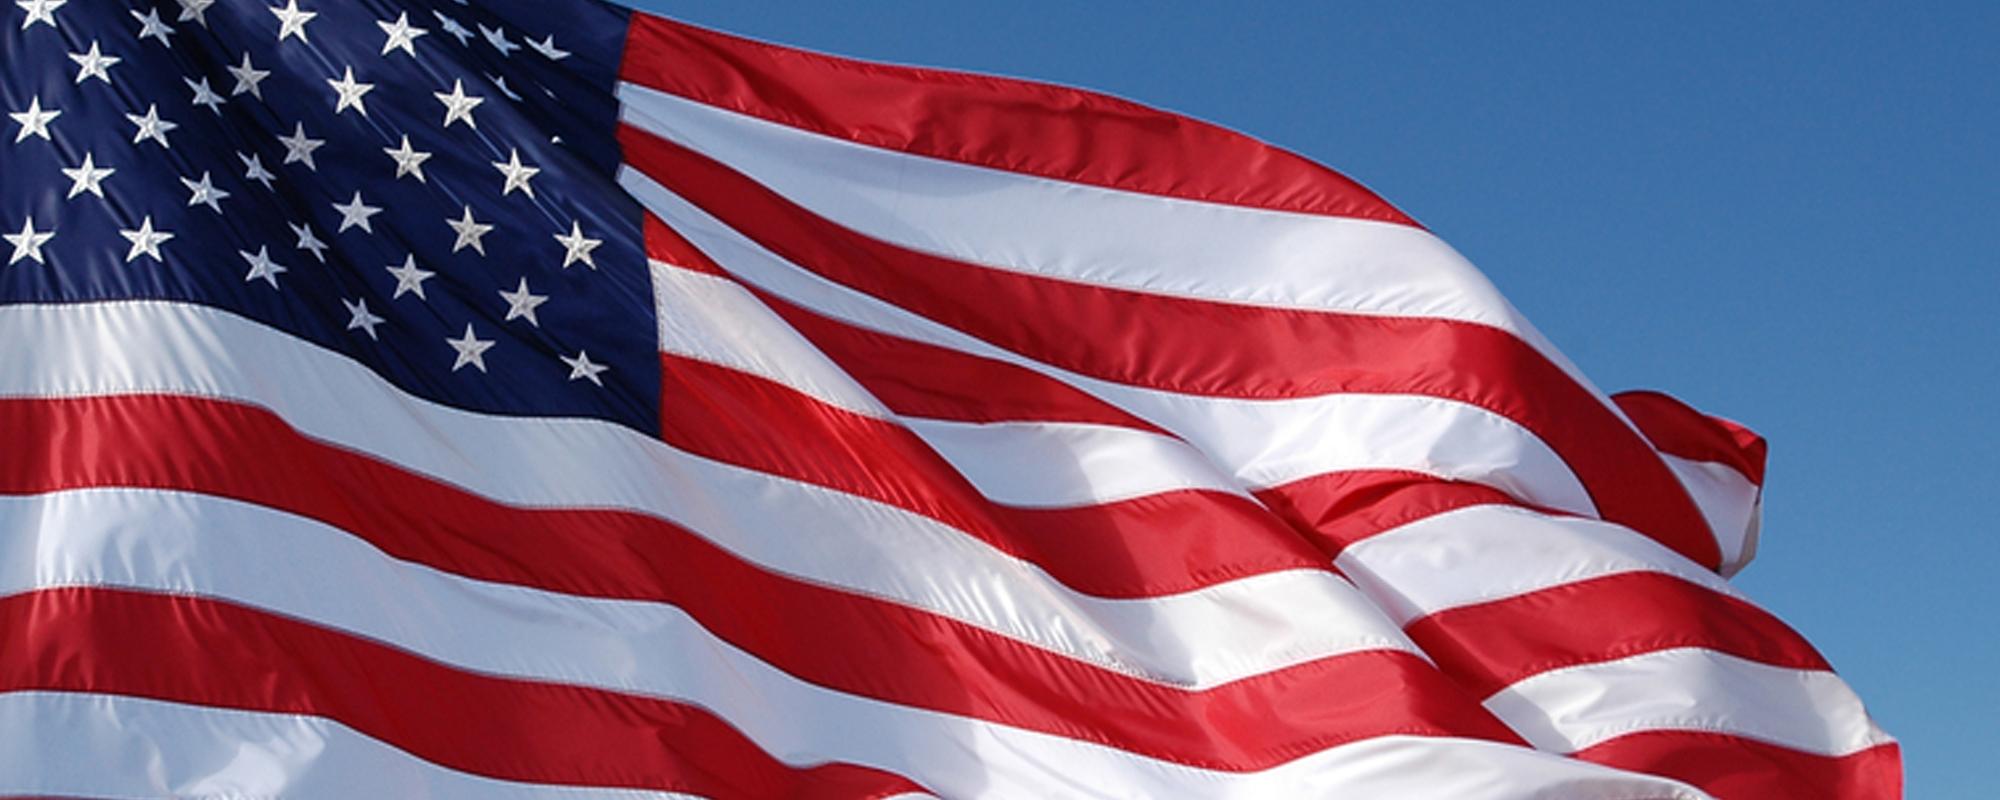 US FLAG 2000 x 800